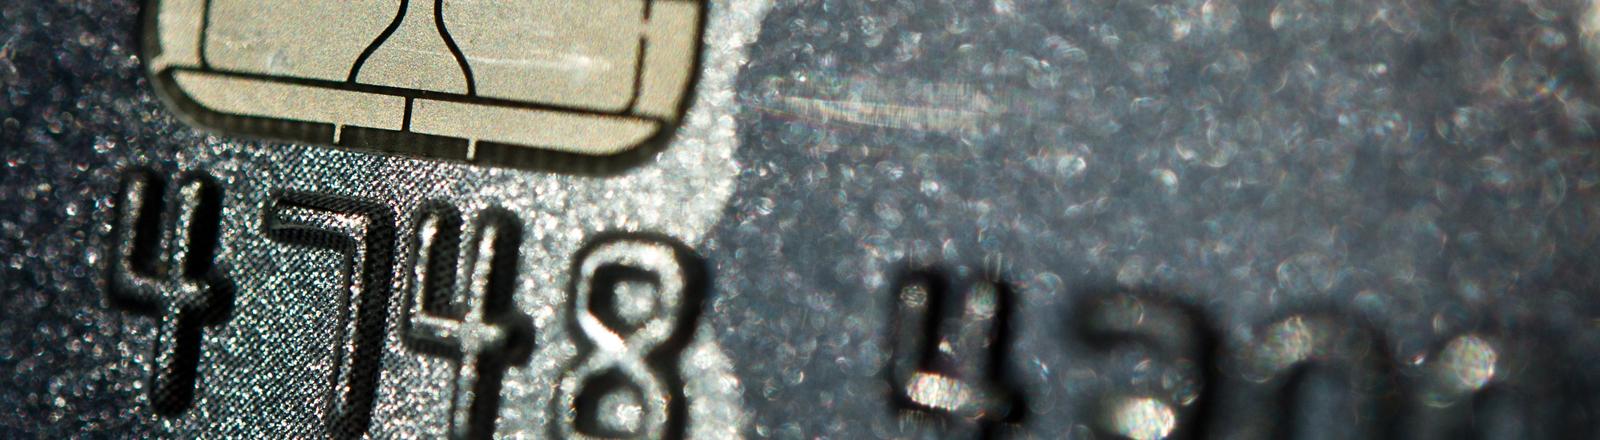 Die Kreditkartennummer einer Visa-Kreditkarte glänzt am 16.09.2014 in Hannover (Niedersachsen) im Sonnenlicht.